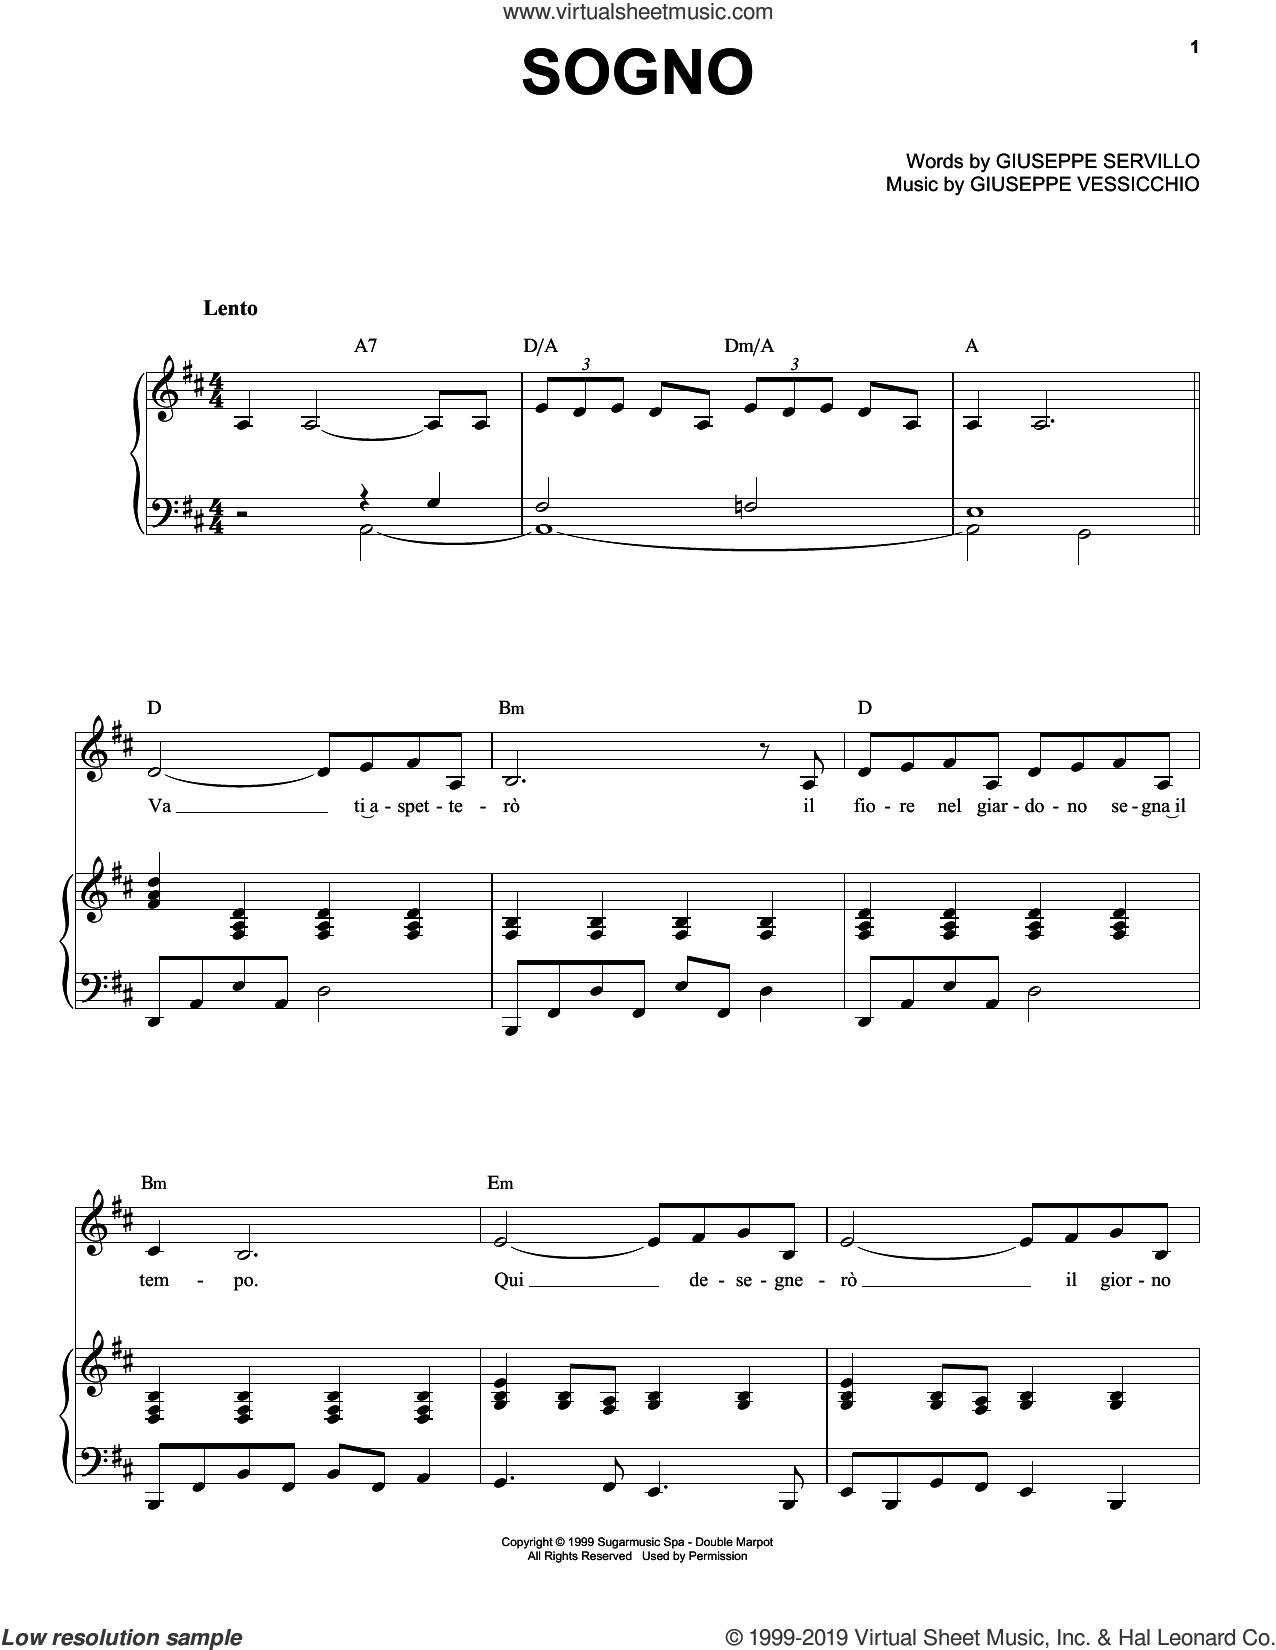 Sogno sheet music for voice and piano by Andrea Bocelli, Giuseppe Servillo and Giuseppe Vessicchio, classical score, intermediate skill level